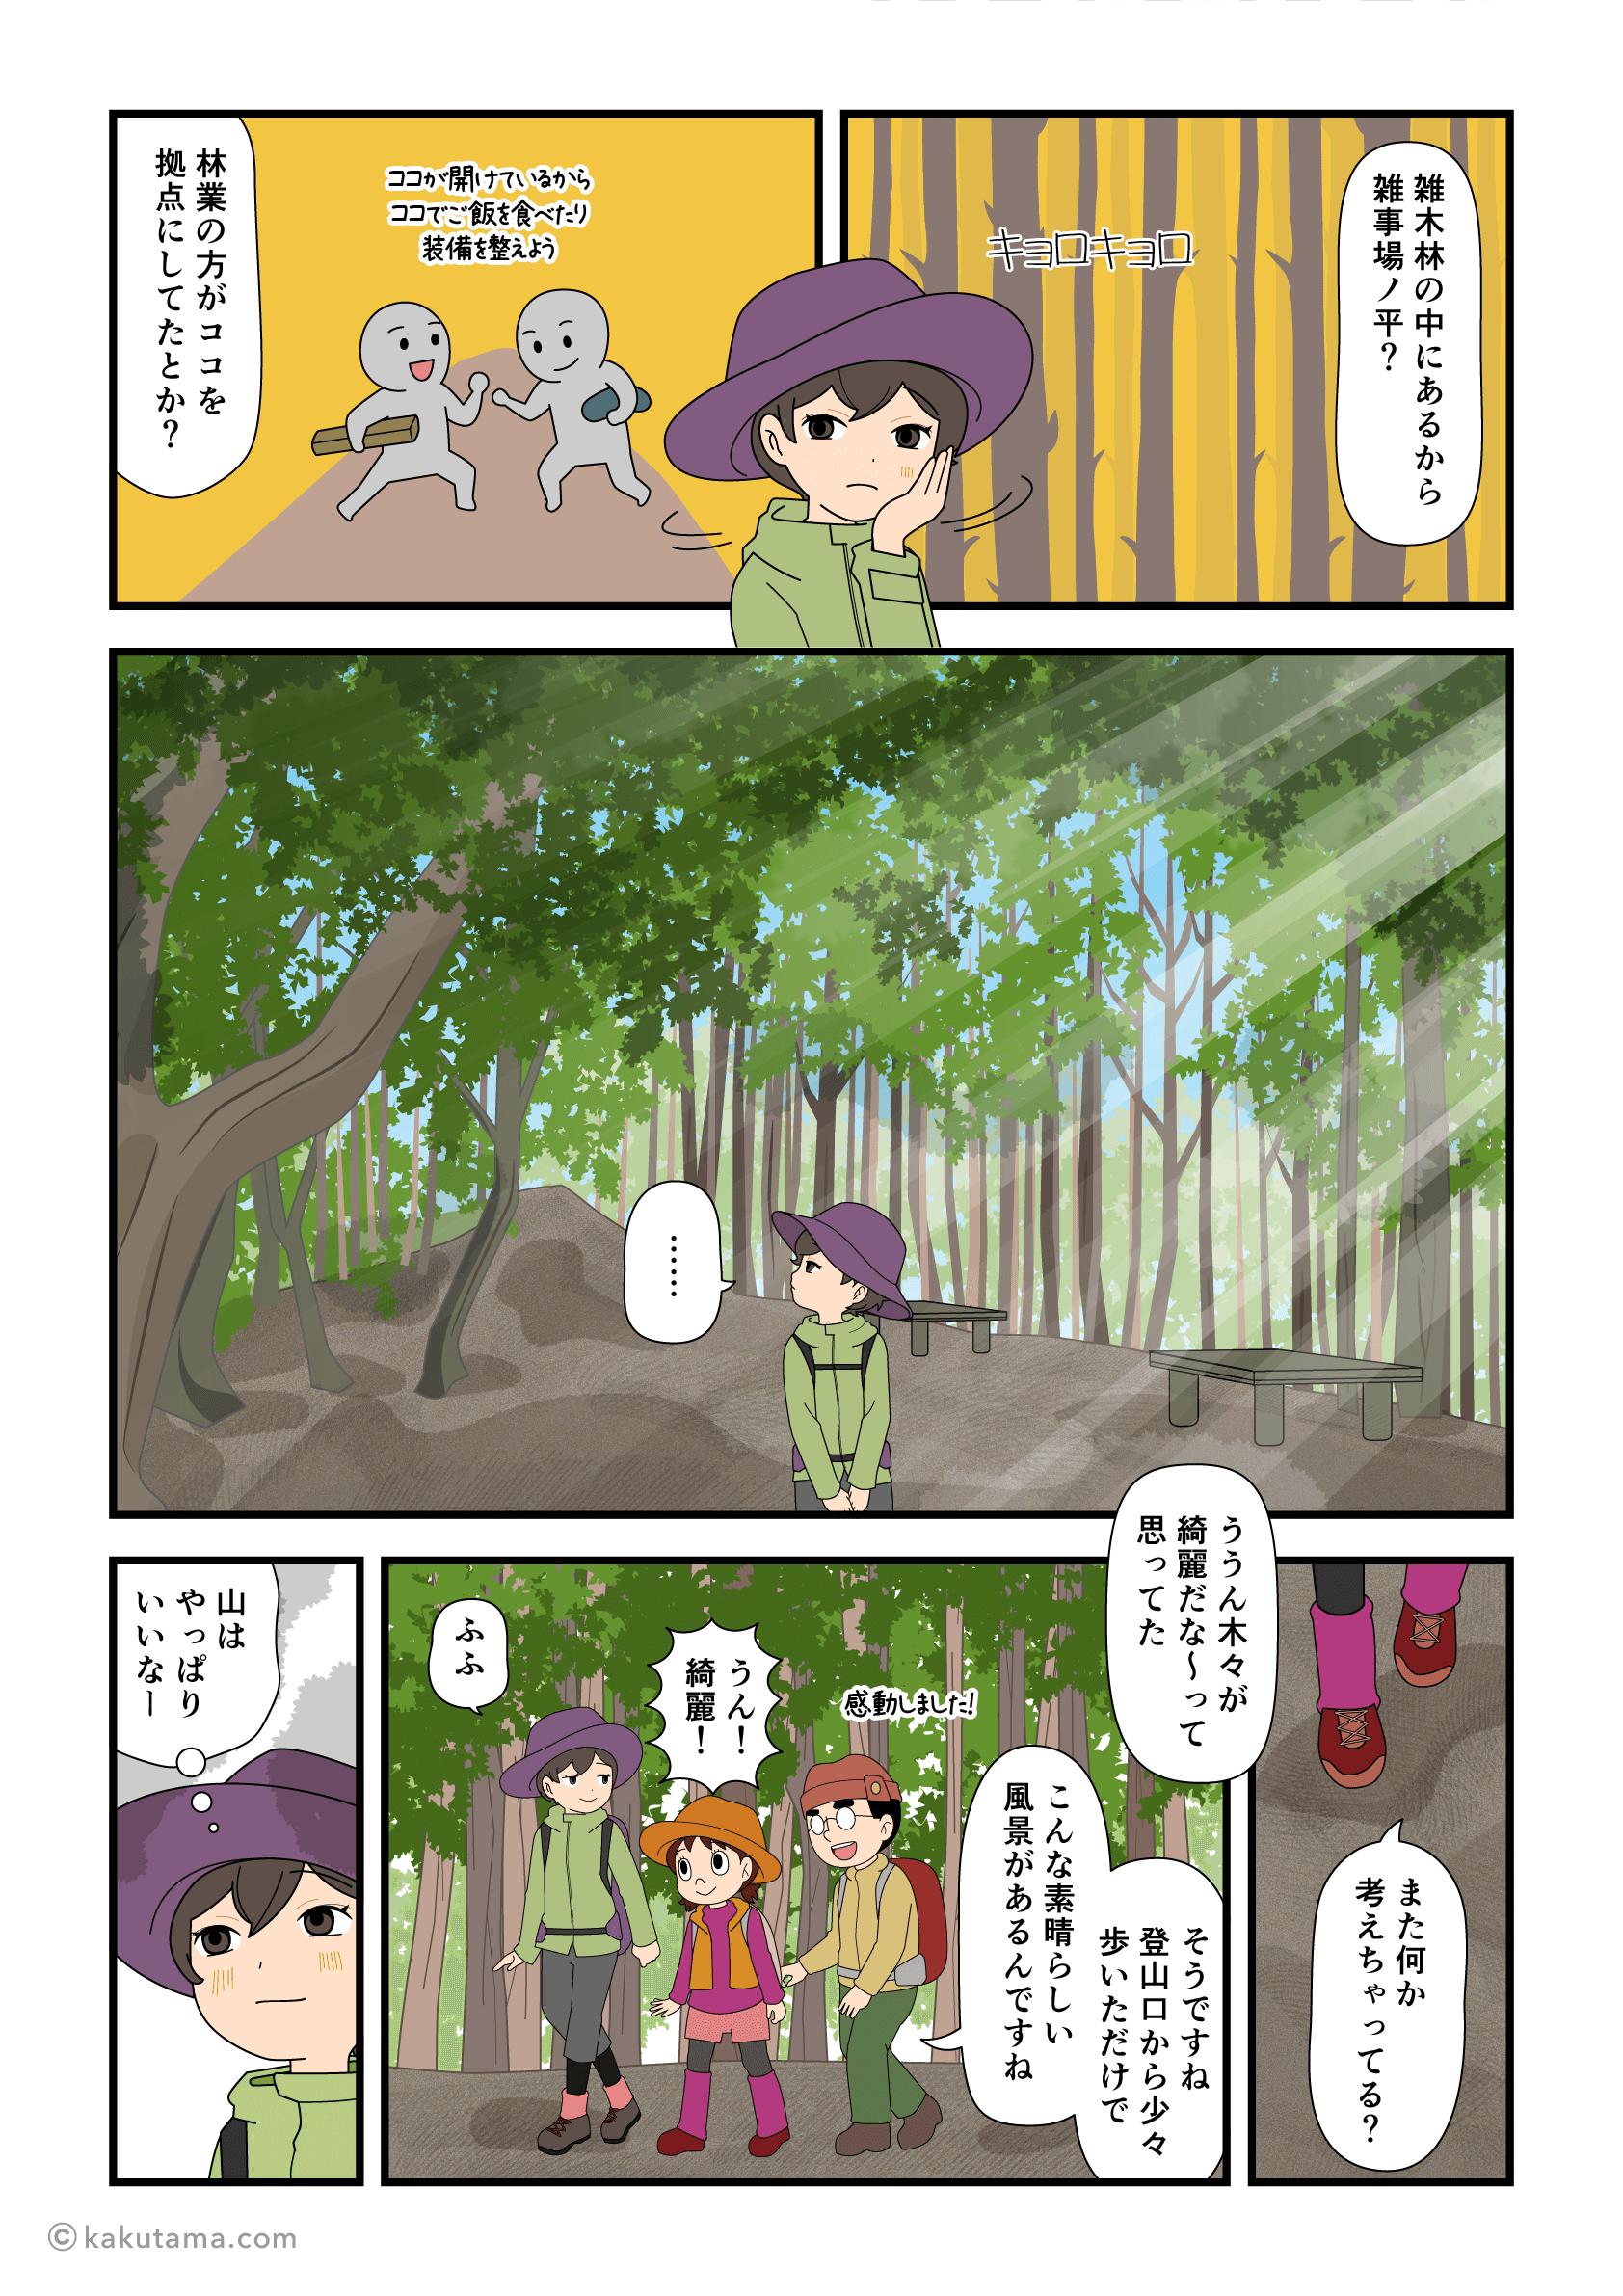 木々の木漏れ日にうっとりする登山者の漫画